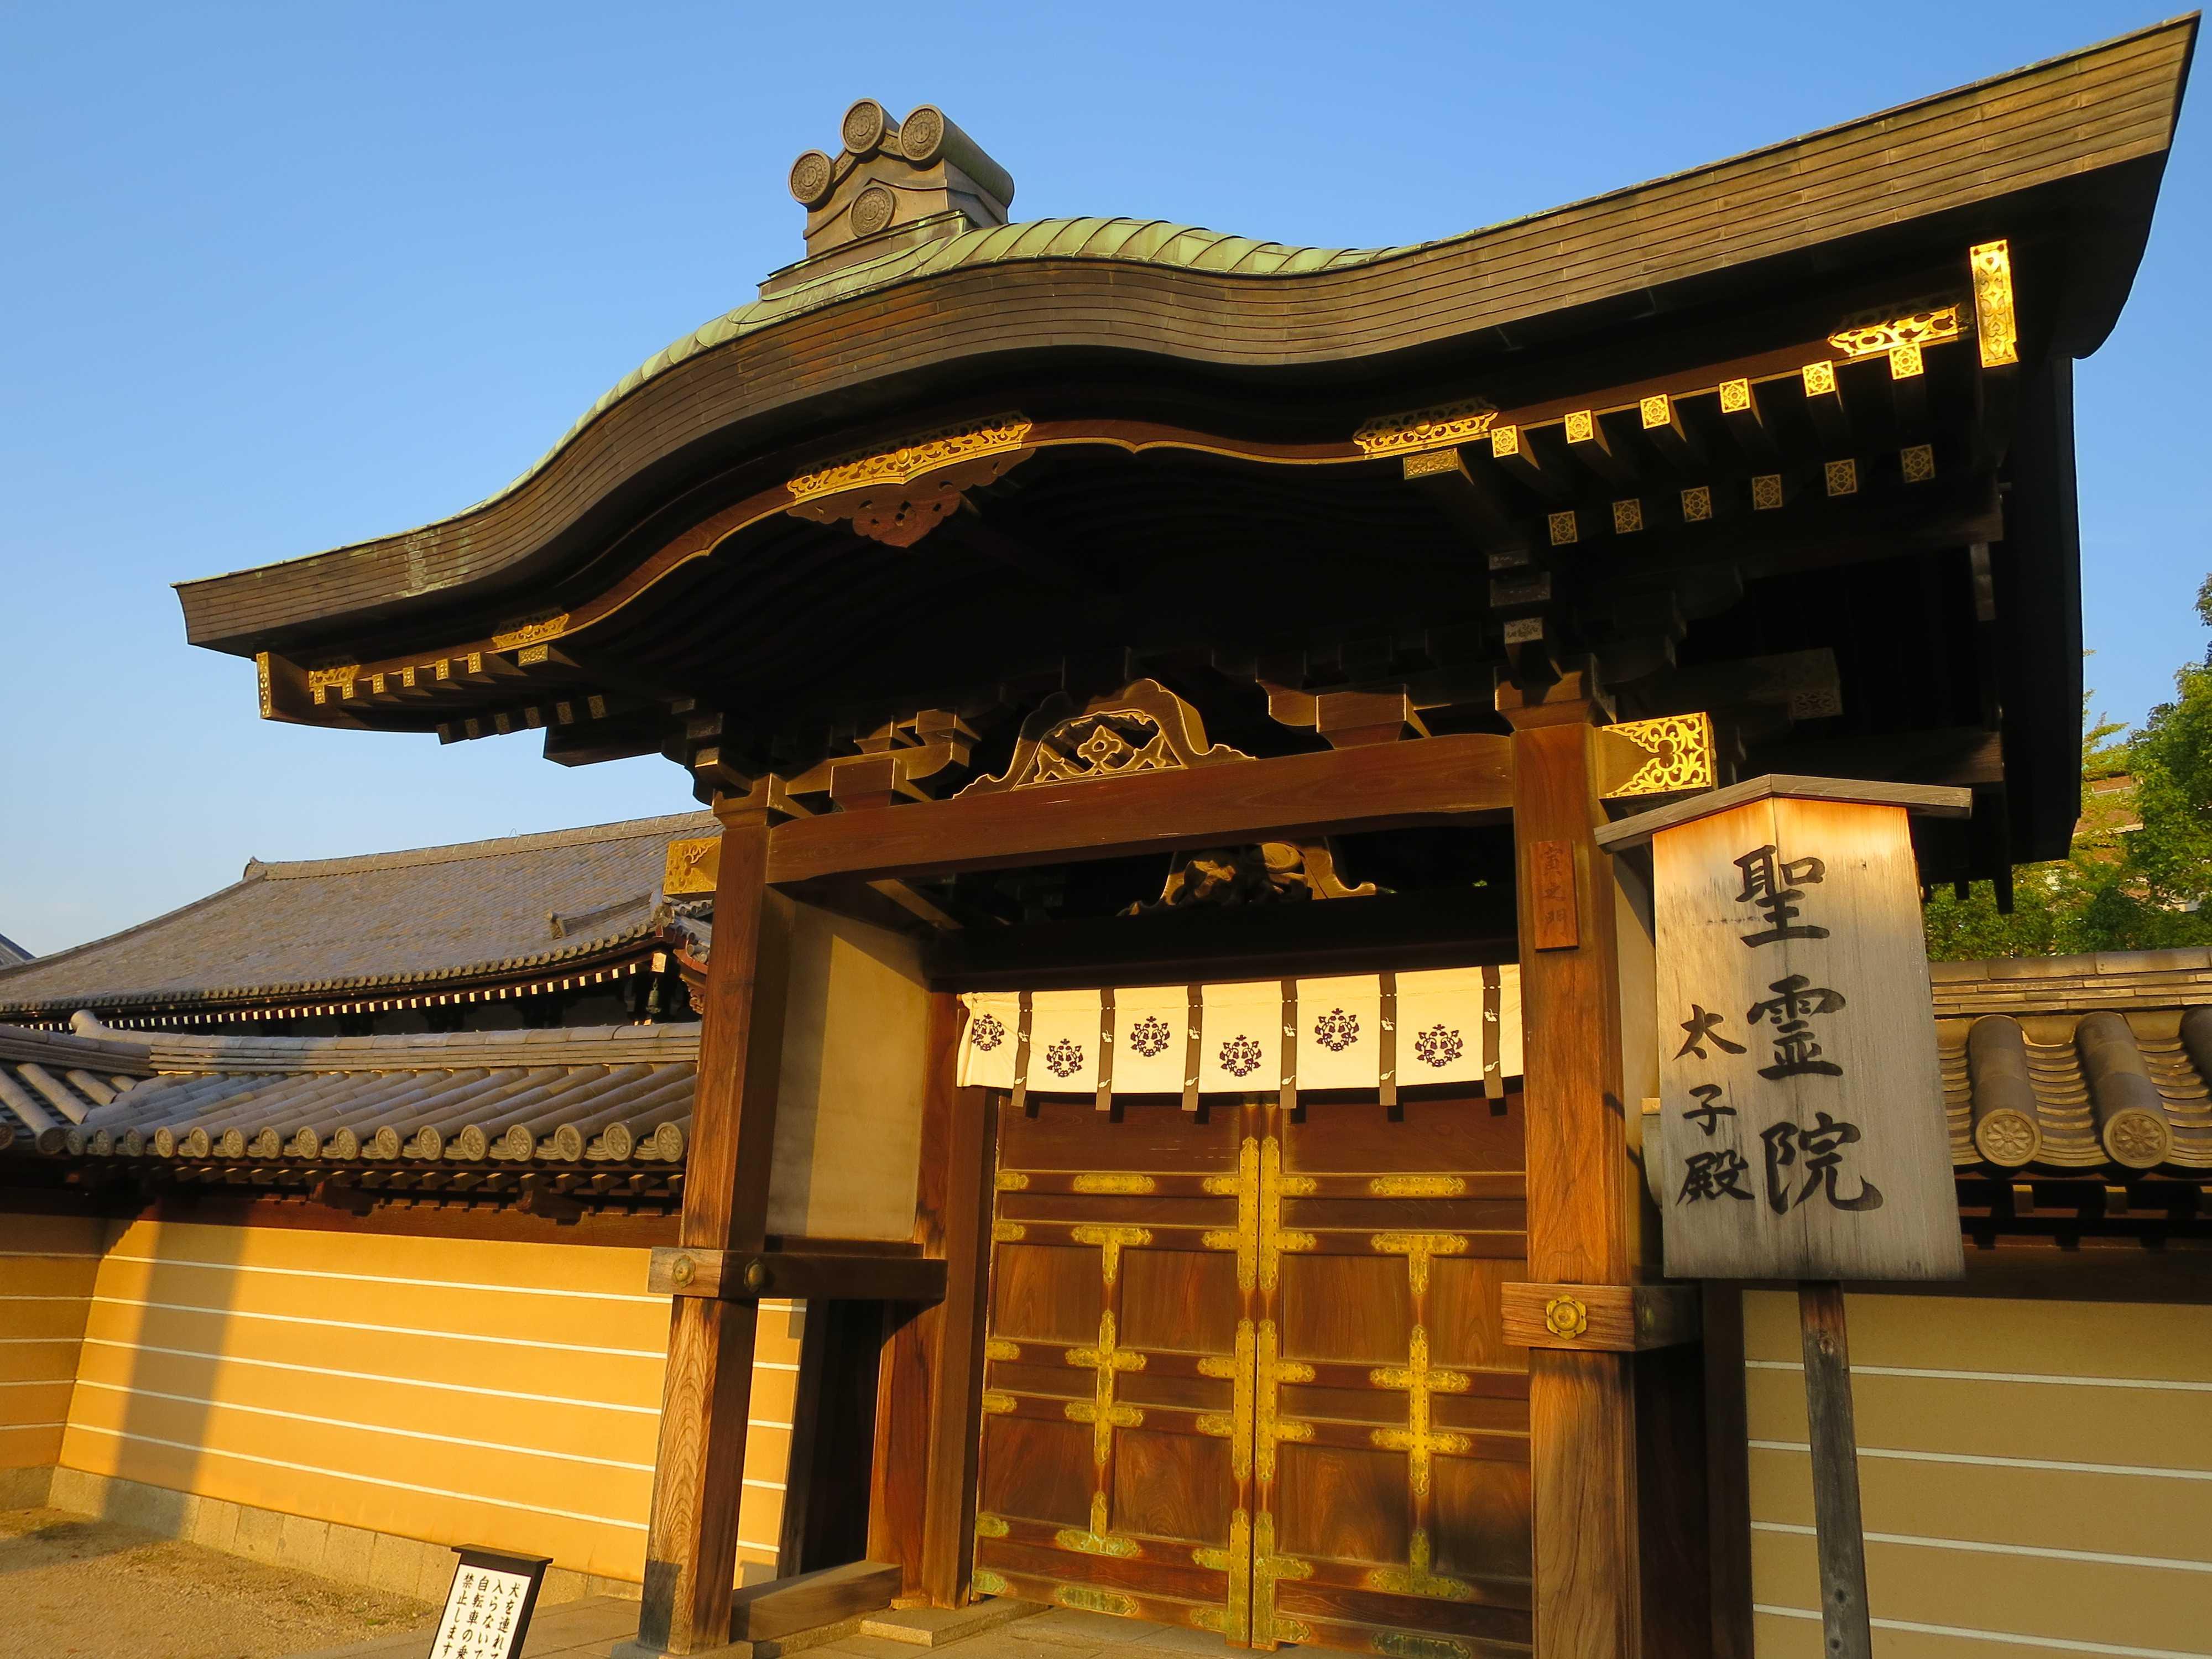 太子殿(聖霊院)の門